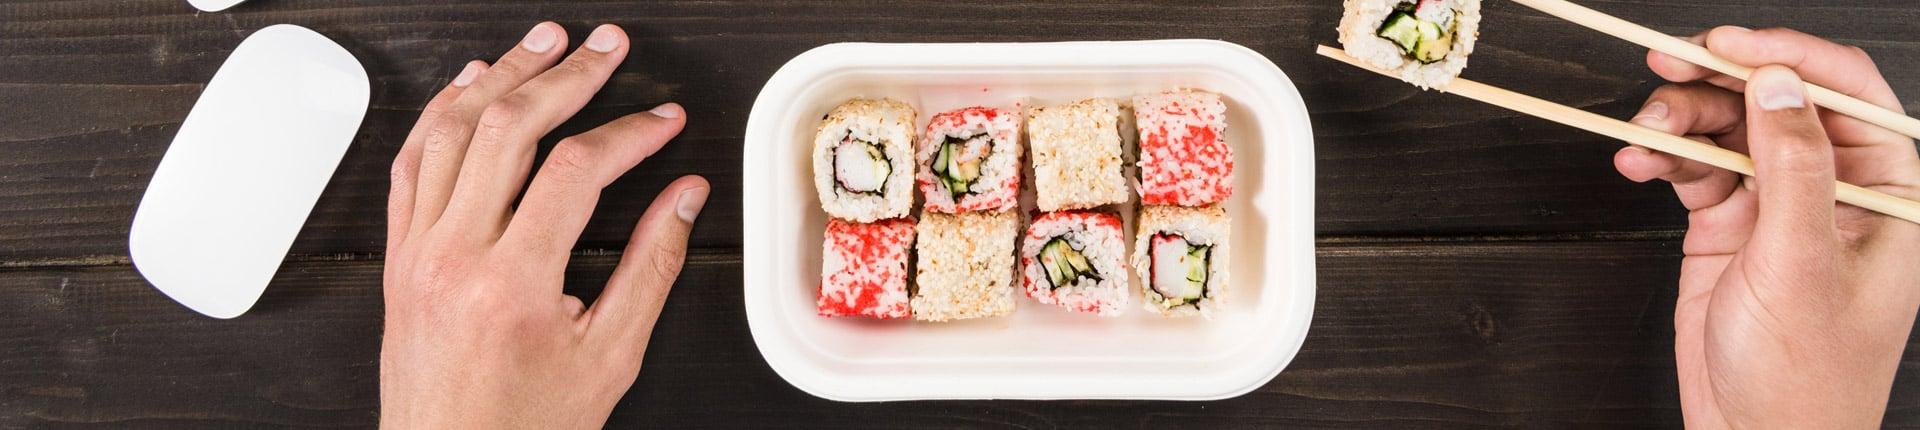 Sklepowe sushi - które wybrać?